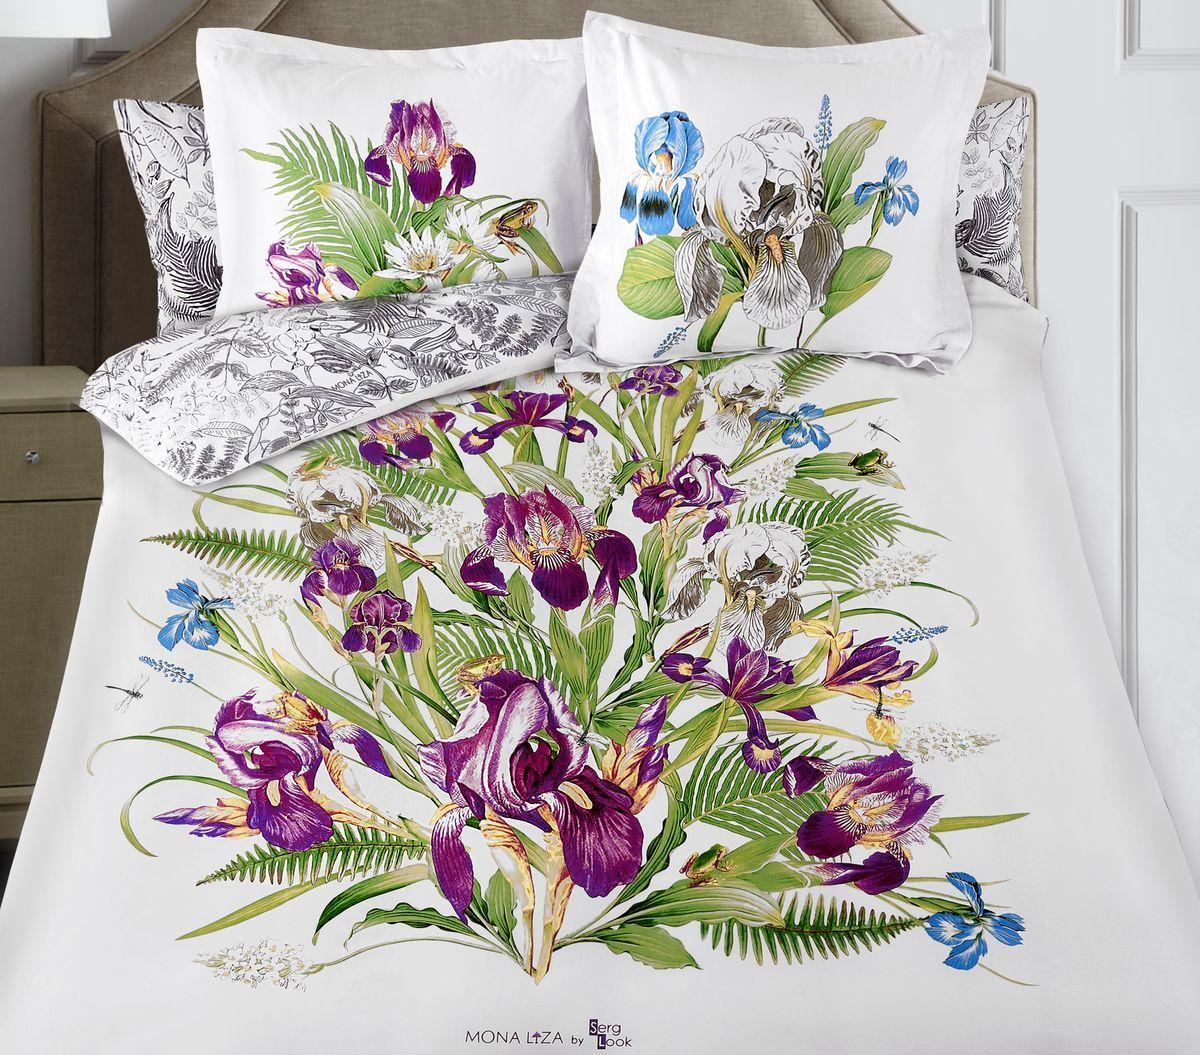 Комплект белья Mona Liza Iris, евро, наволочки 50x70, 70x70297/34/CHAR003Флоральные мотивы редких экзотических цветов, переведенные в паттерн, позаимствованы из путешествий по тропическим лесам, будоражат воображение природными сочетаниями цветовых палитр и роскошью принтов. Коллекция принесет в ваш дом незабываемое настроение и добавит колорит. Высококачественный сатин окутает и позволит раствориться в мечтах о дальних жарких странах и окунуться во время вечного лета!